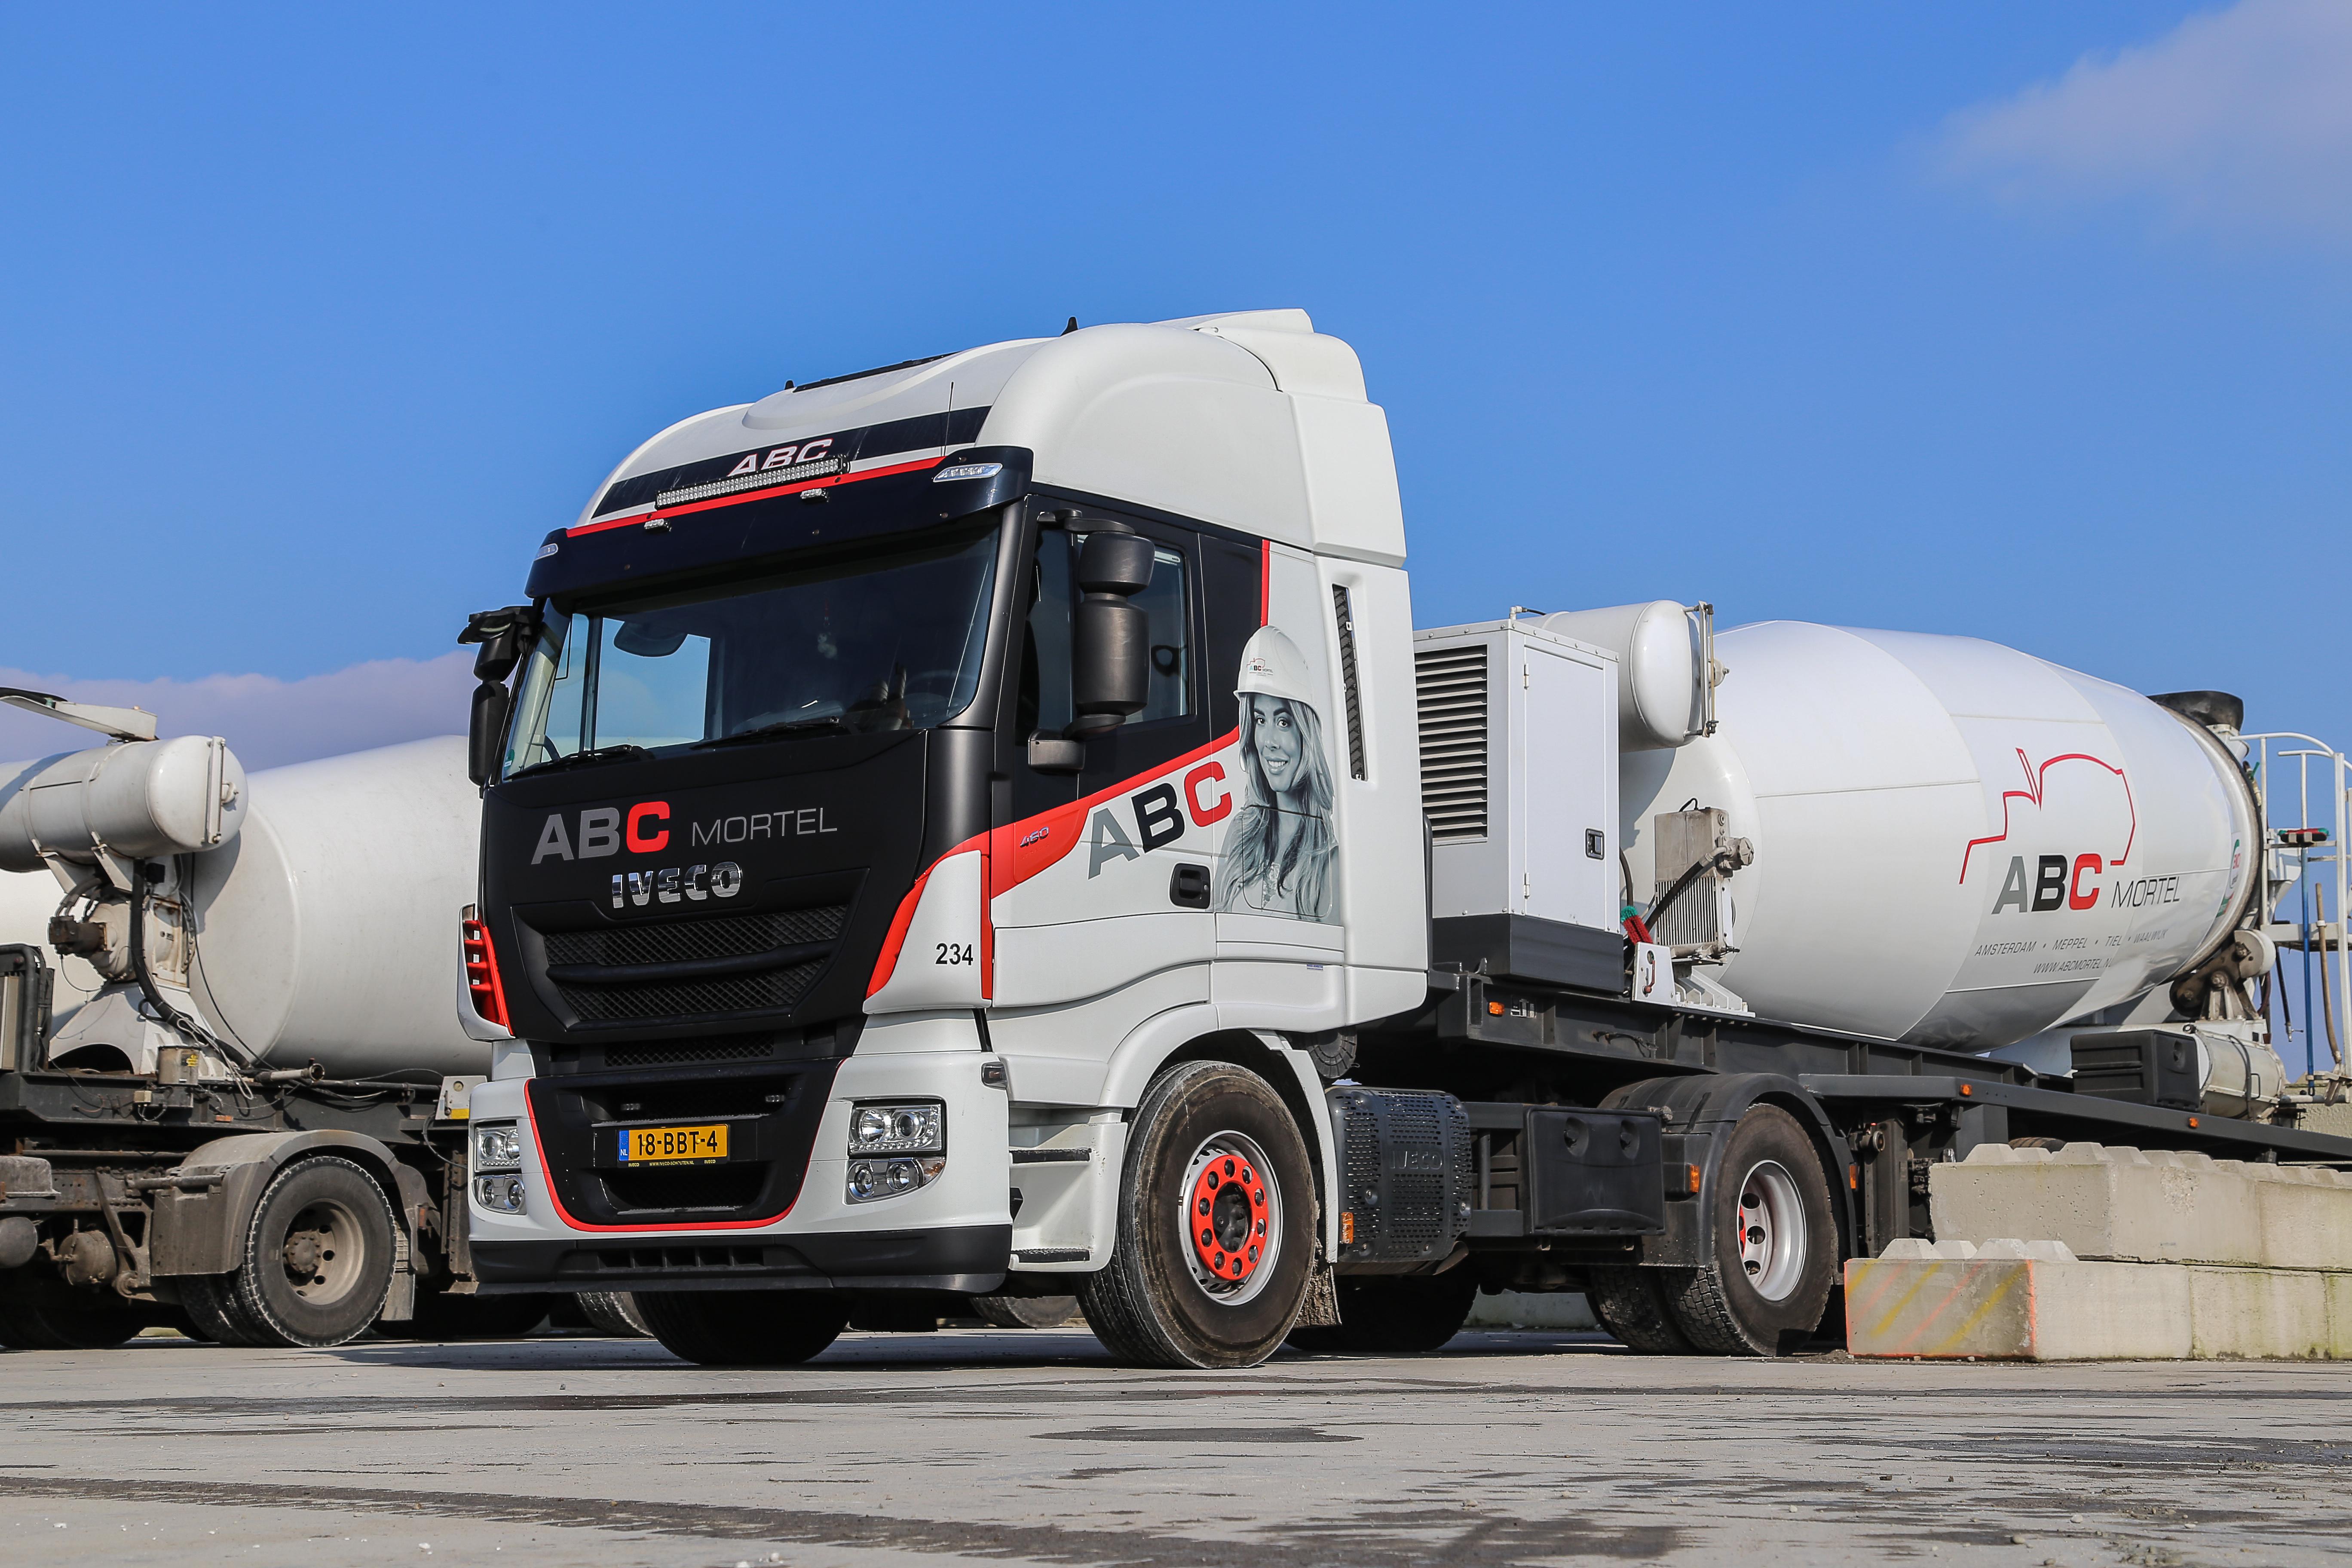 <p>Wat betreft de vrachtwagens investeerde ABC Mortel recentelijk vooral in Iveco's. De argumenten die pleiten voor Iveco, zijn nagenoeg dezelfde als die voor de Case opgaan.</p>